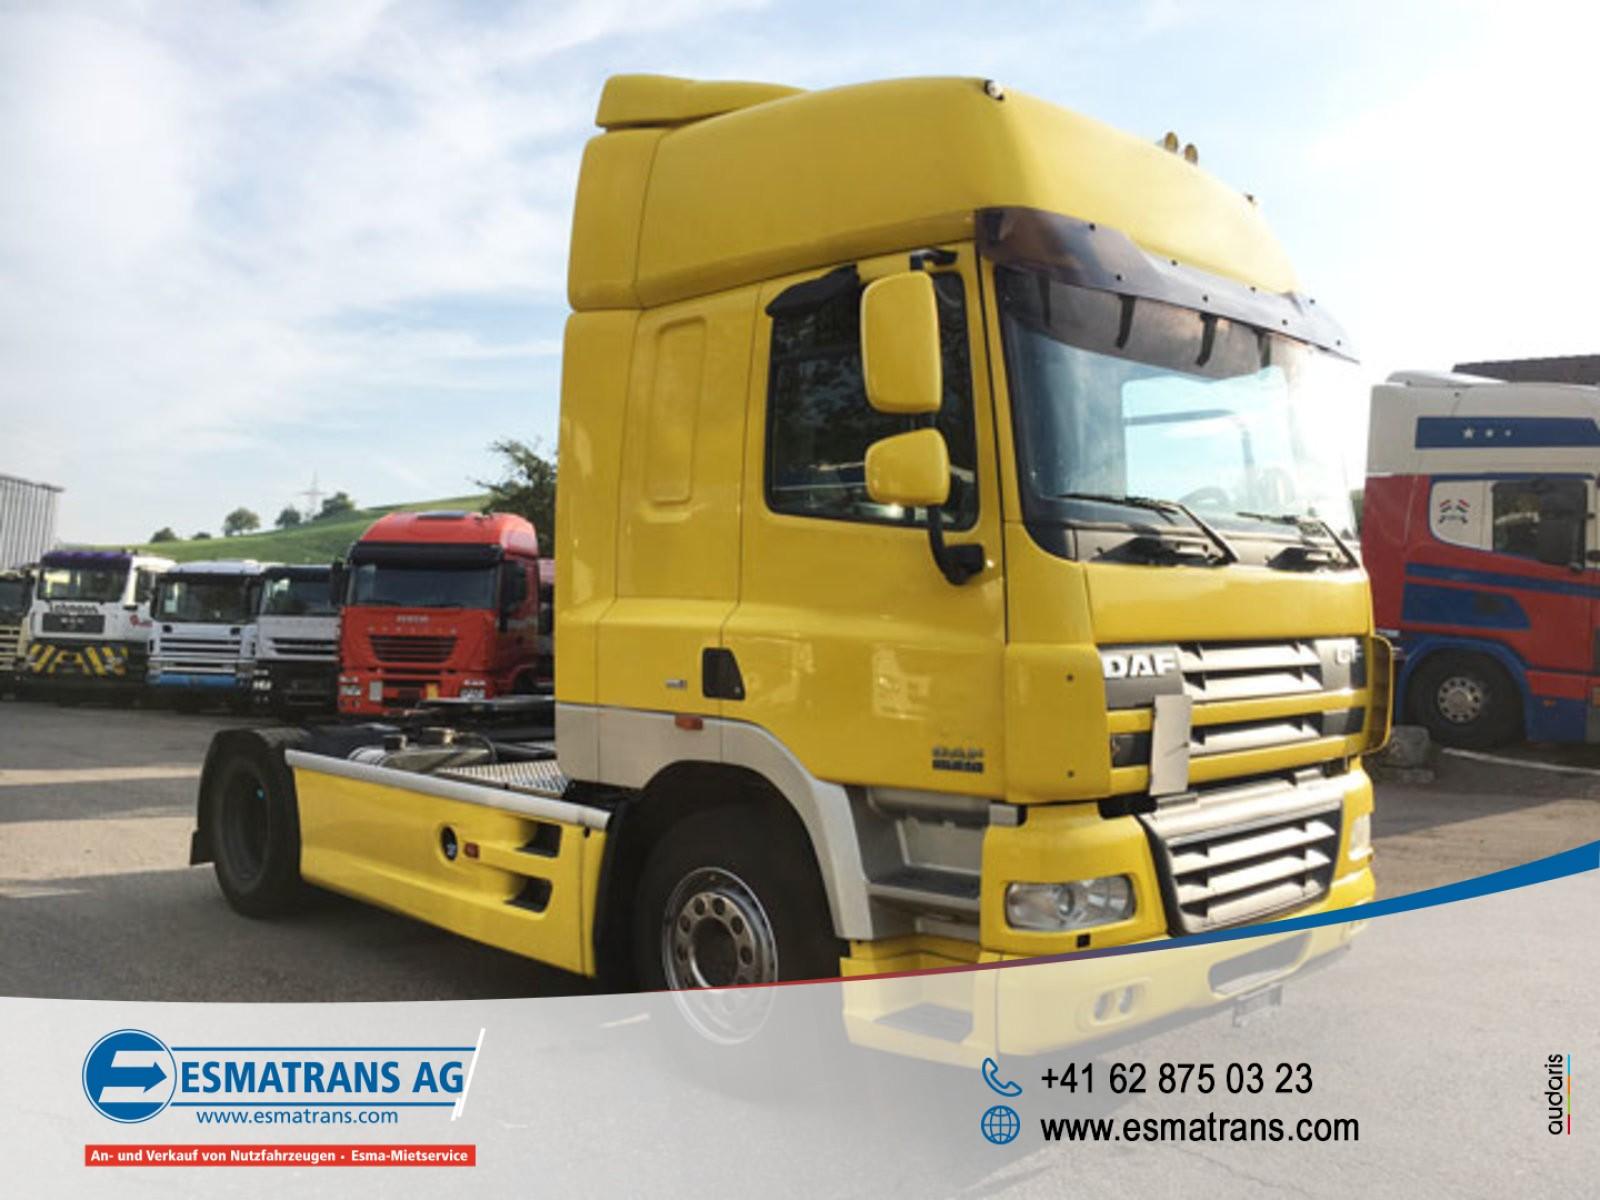 FRAN6306_882752 vehicle image